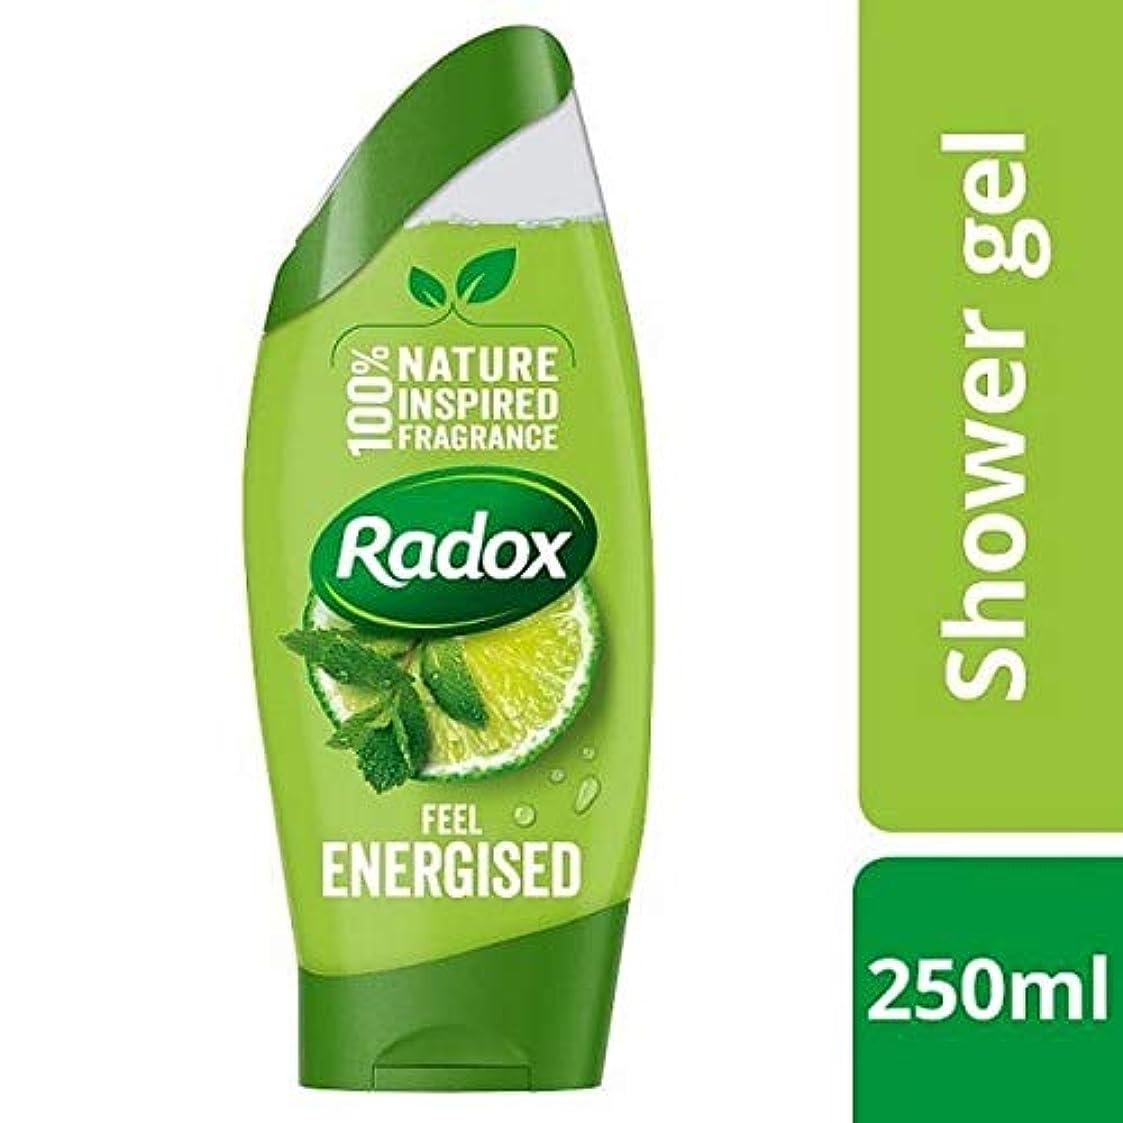 ウェイド論理的潜む[Radox] Radoxは通電シャワージェル250ミリリットルを感じます - Radox Feel Energised Shower Gel 250ml [並行輸入品]